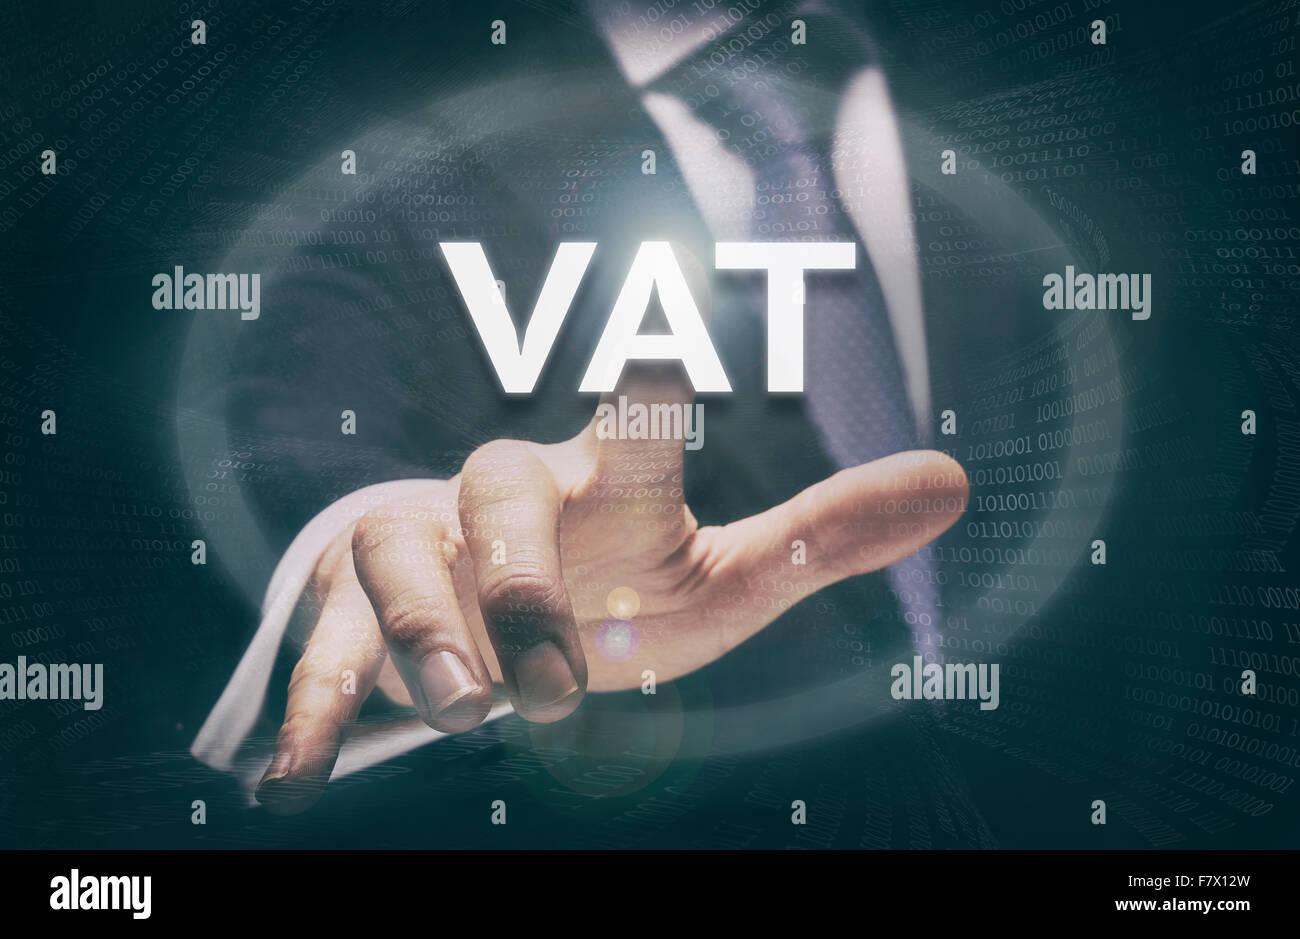 Businessman pressing a VAT concept button. - Stock Image